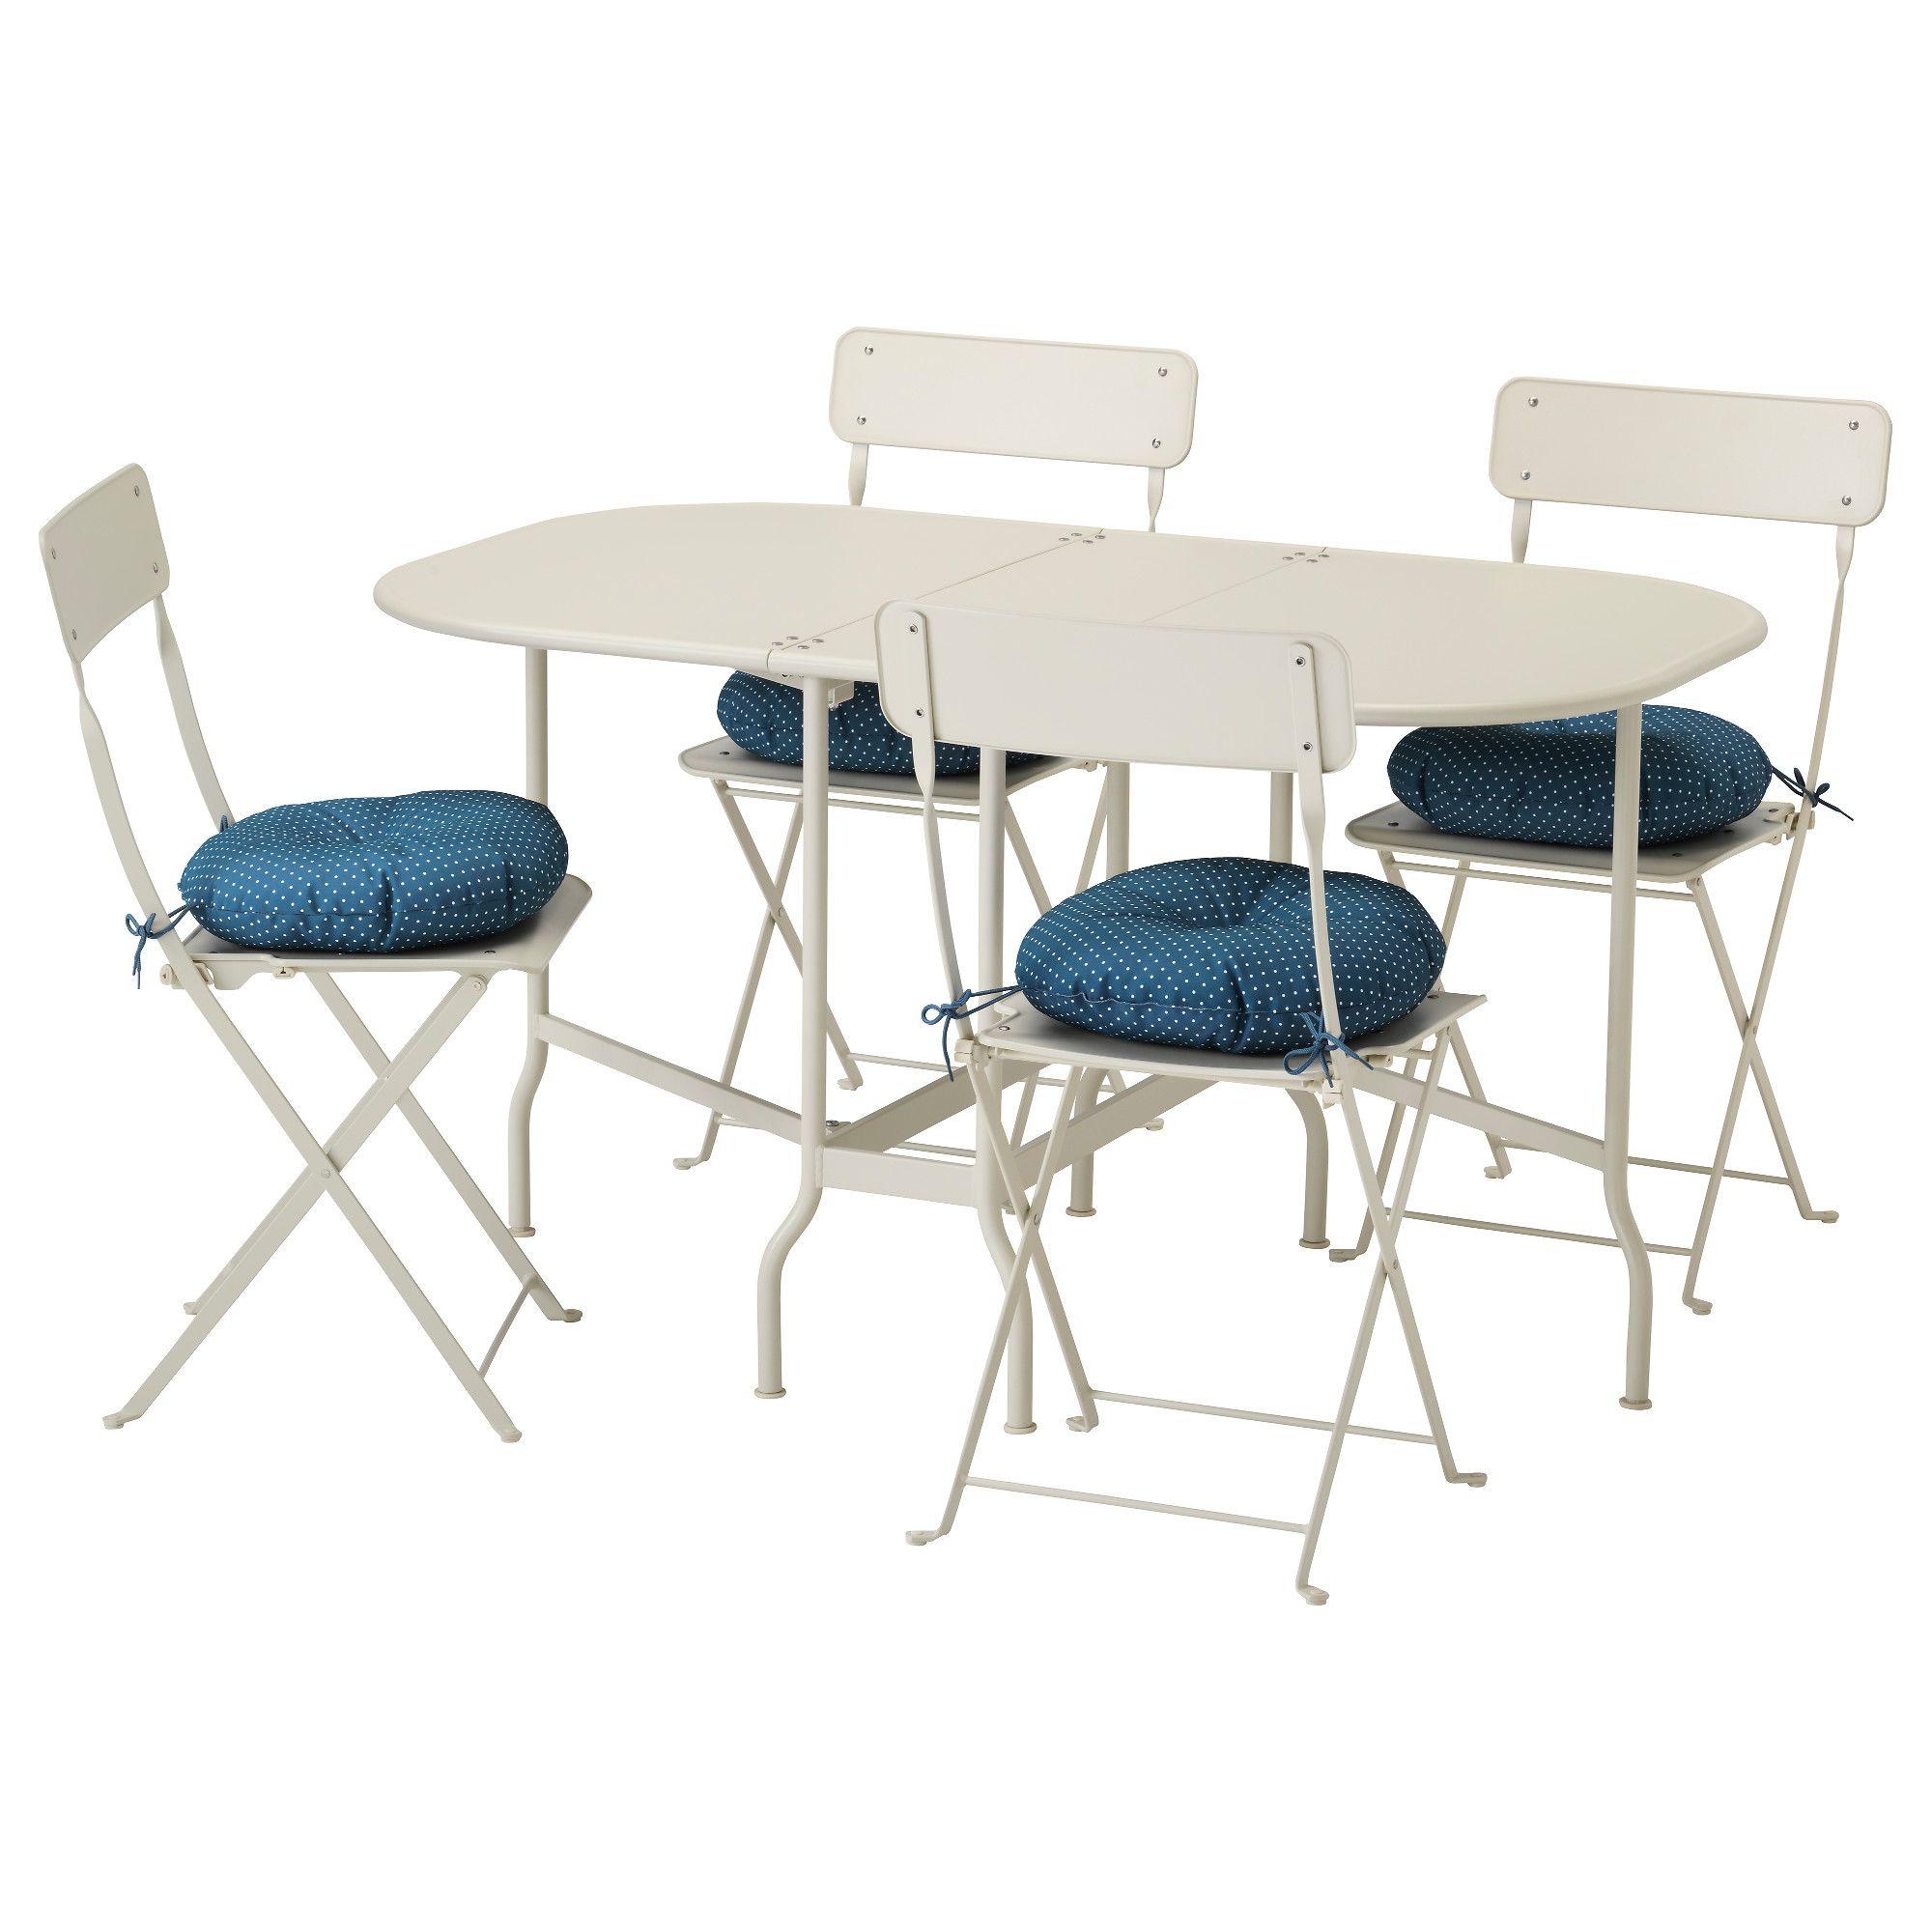 Saltholmen Tisch 4 Klappstuhle Aussen Beige Ytteron Blau